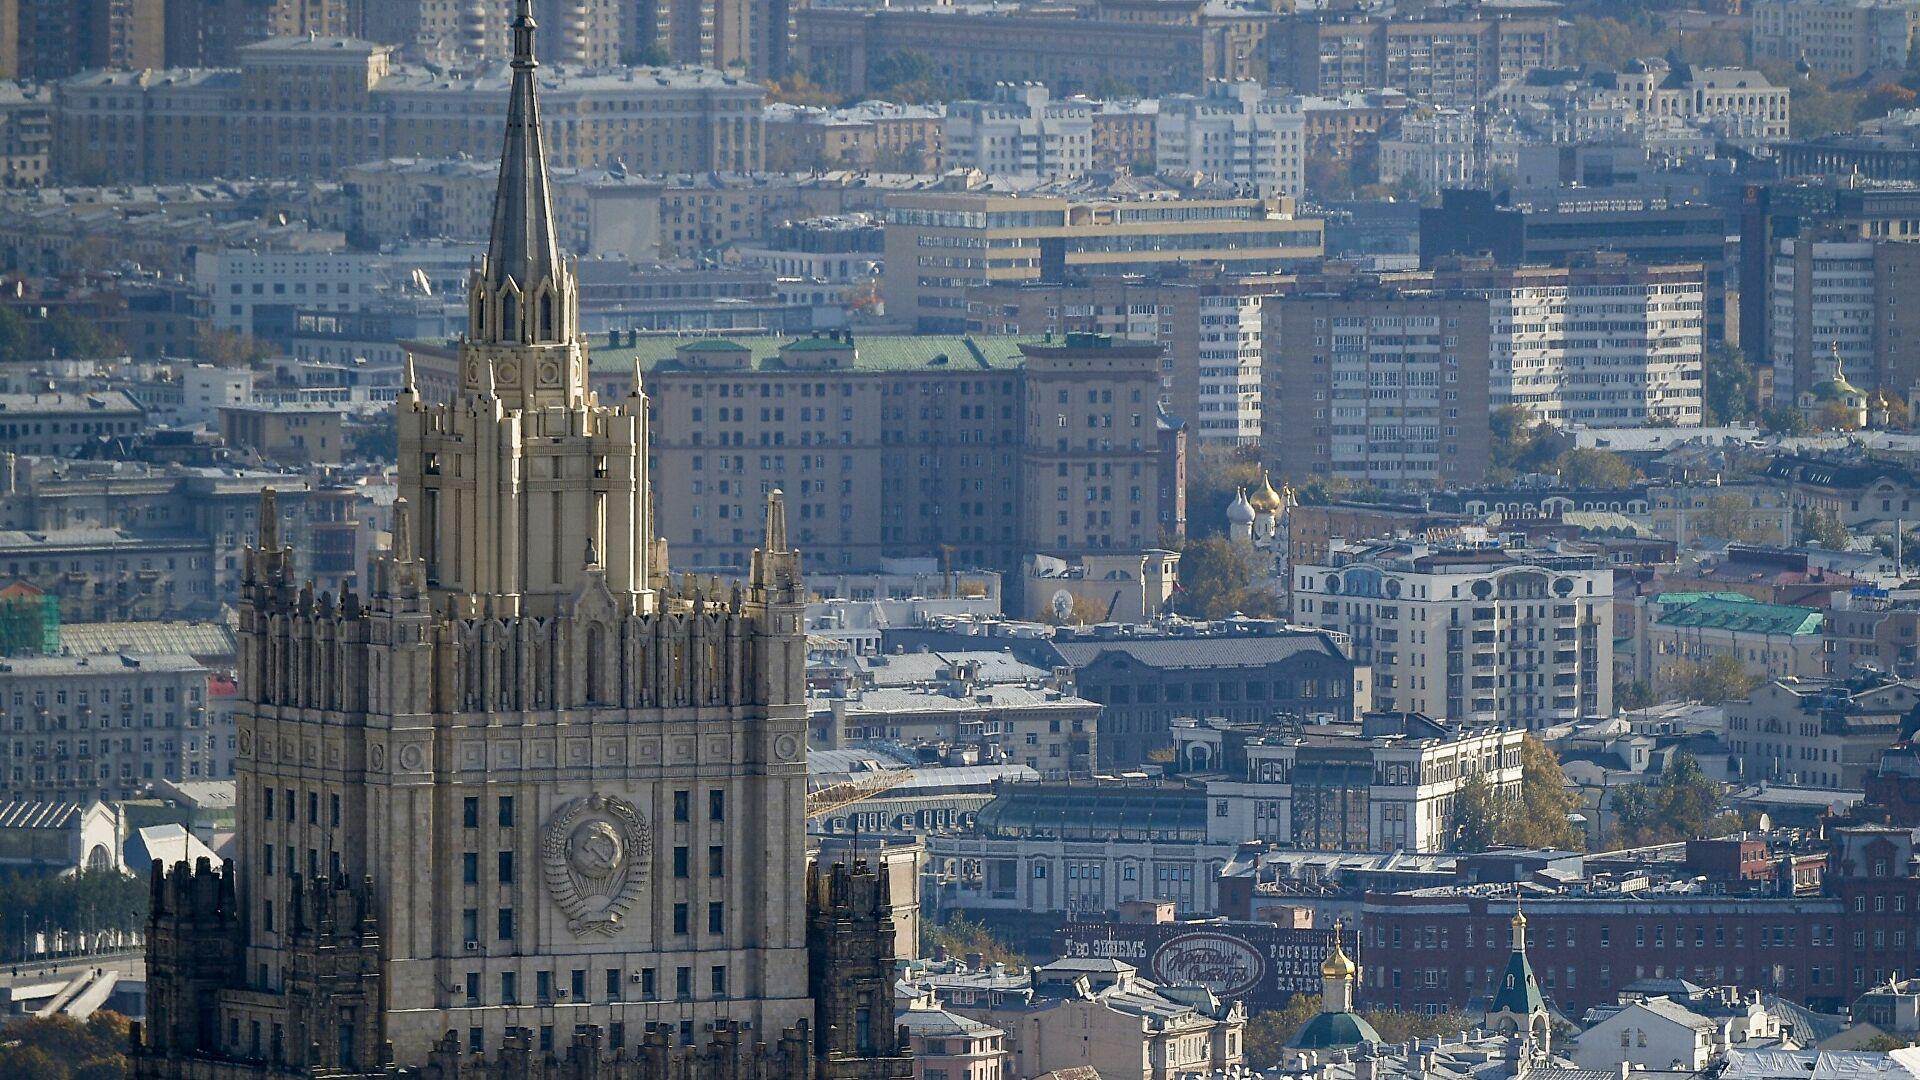 Moskva: Ulazak Ukrajine u NATO bio bi izuzetno opasan korak